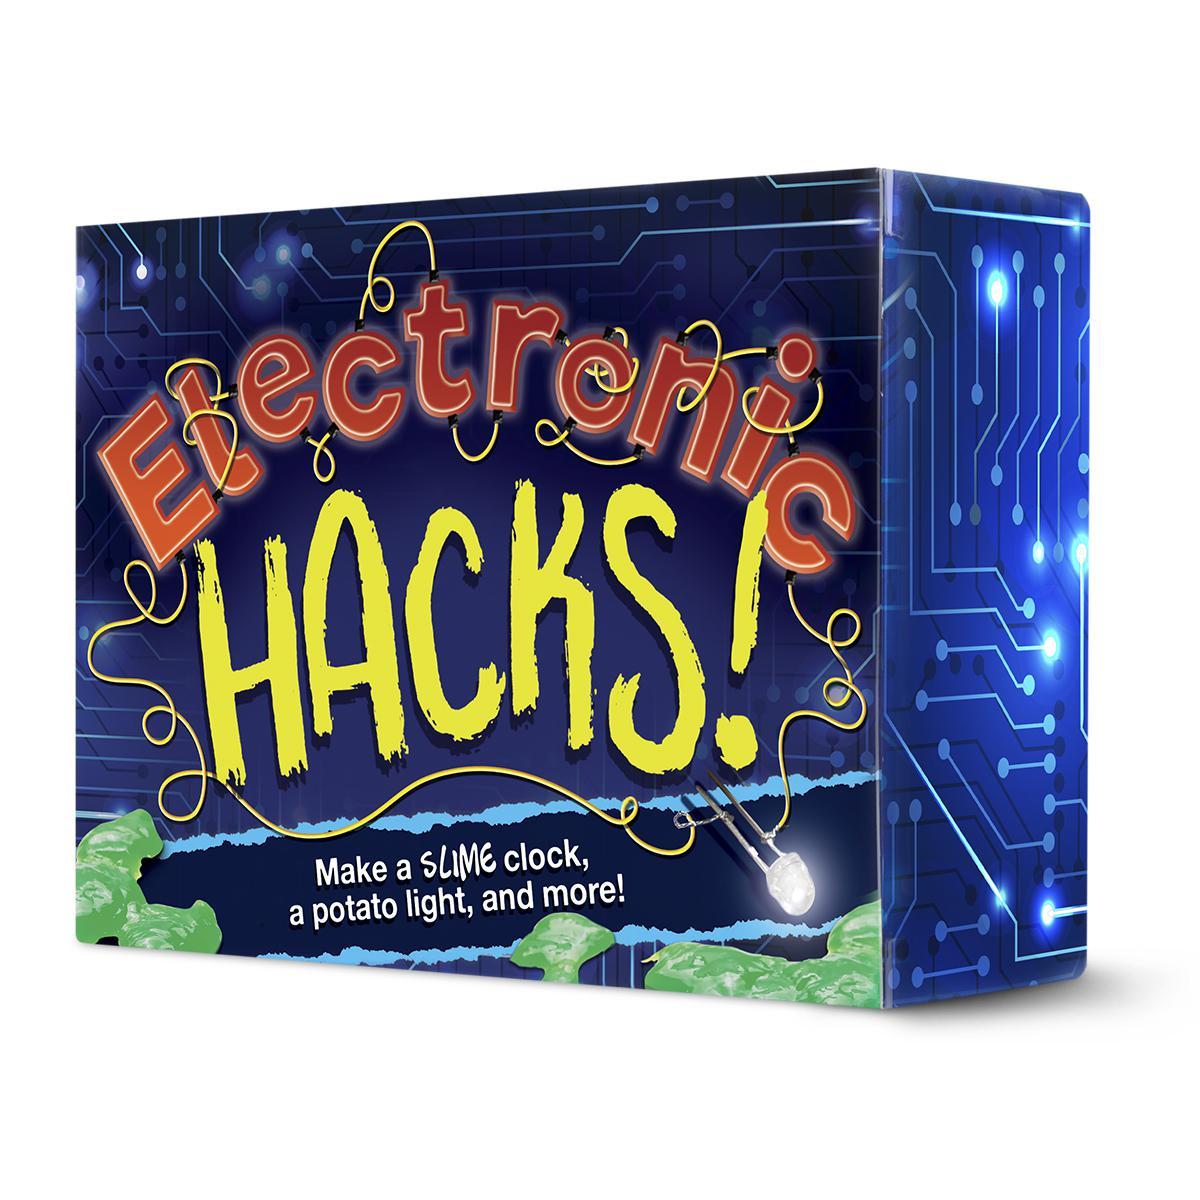 Electronic Hacks!